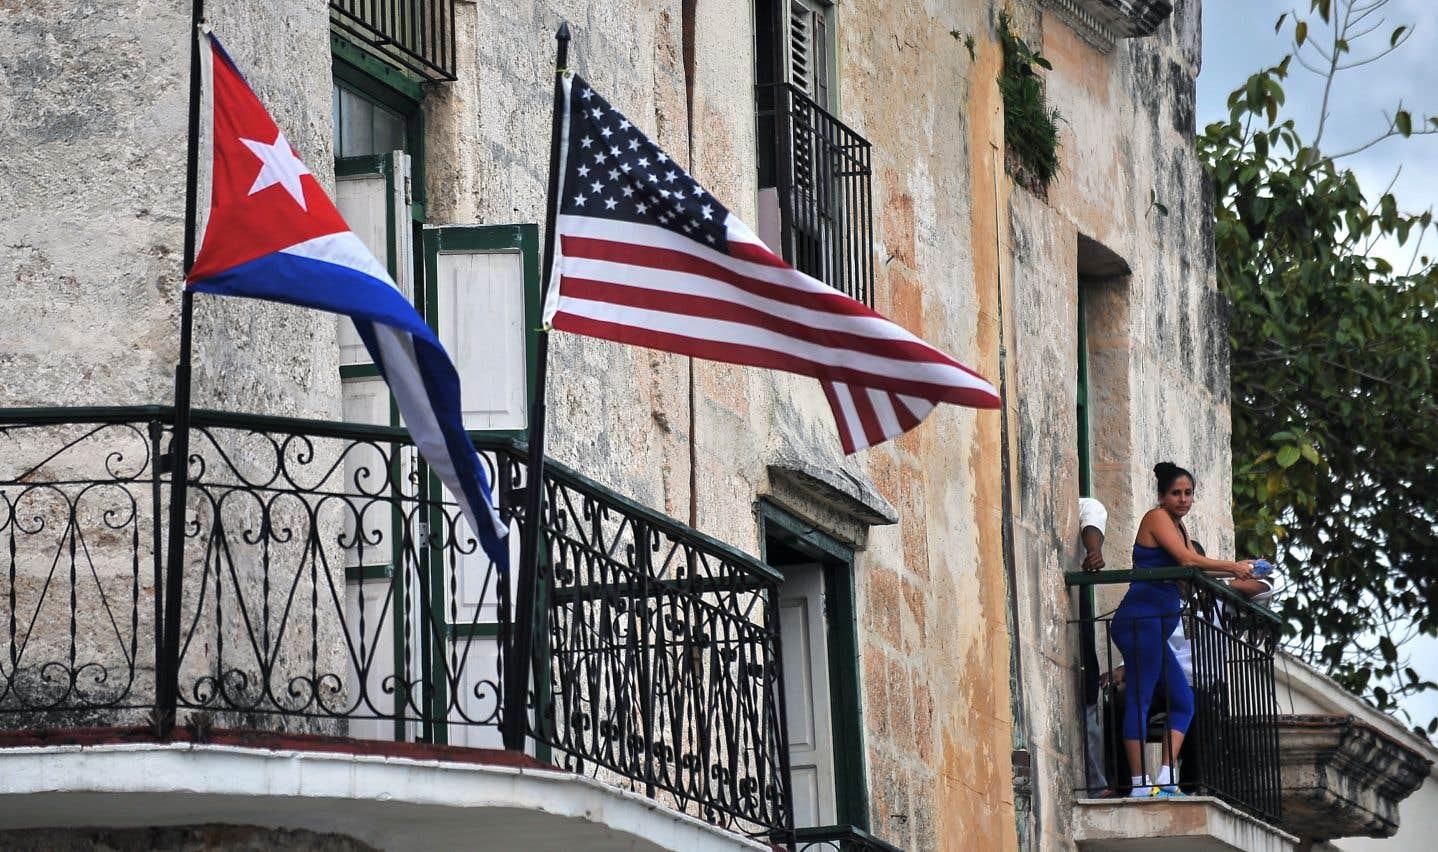 La majeure partie de la société américaine considère que les pressions des États-Unis sur Cuba ont toujours échoué et souhaite une normalisation immédiate des relations diplomatiques.